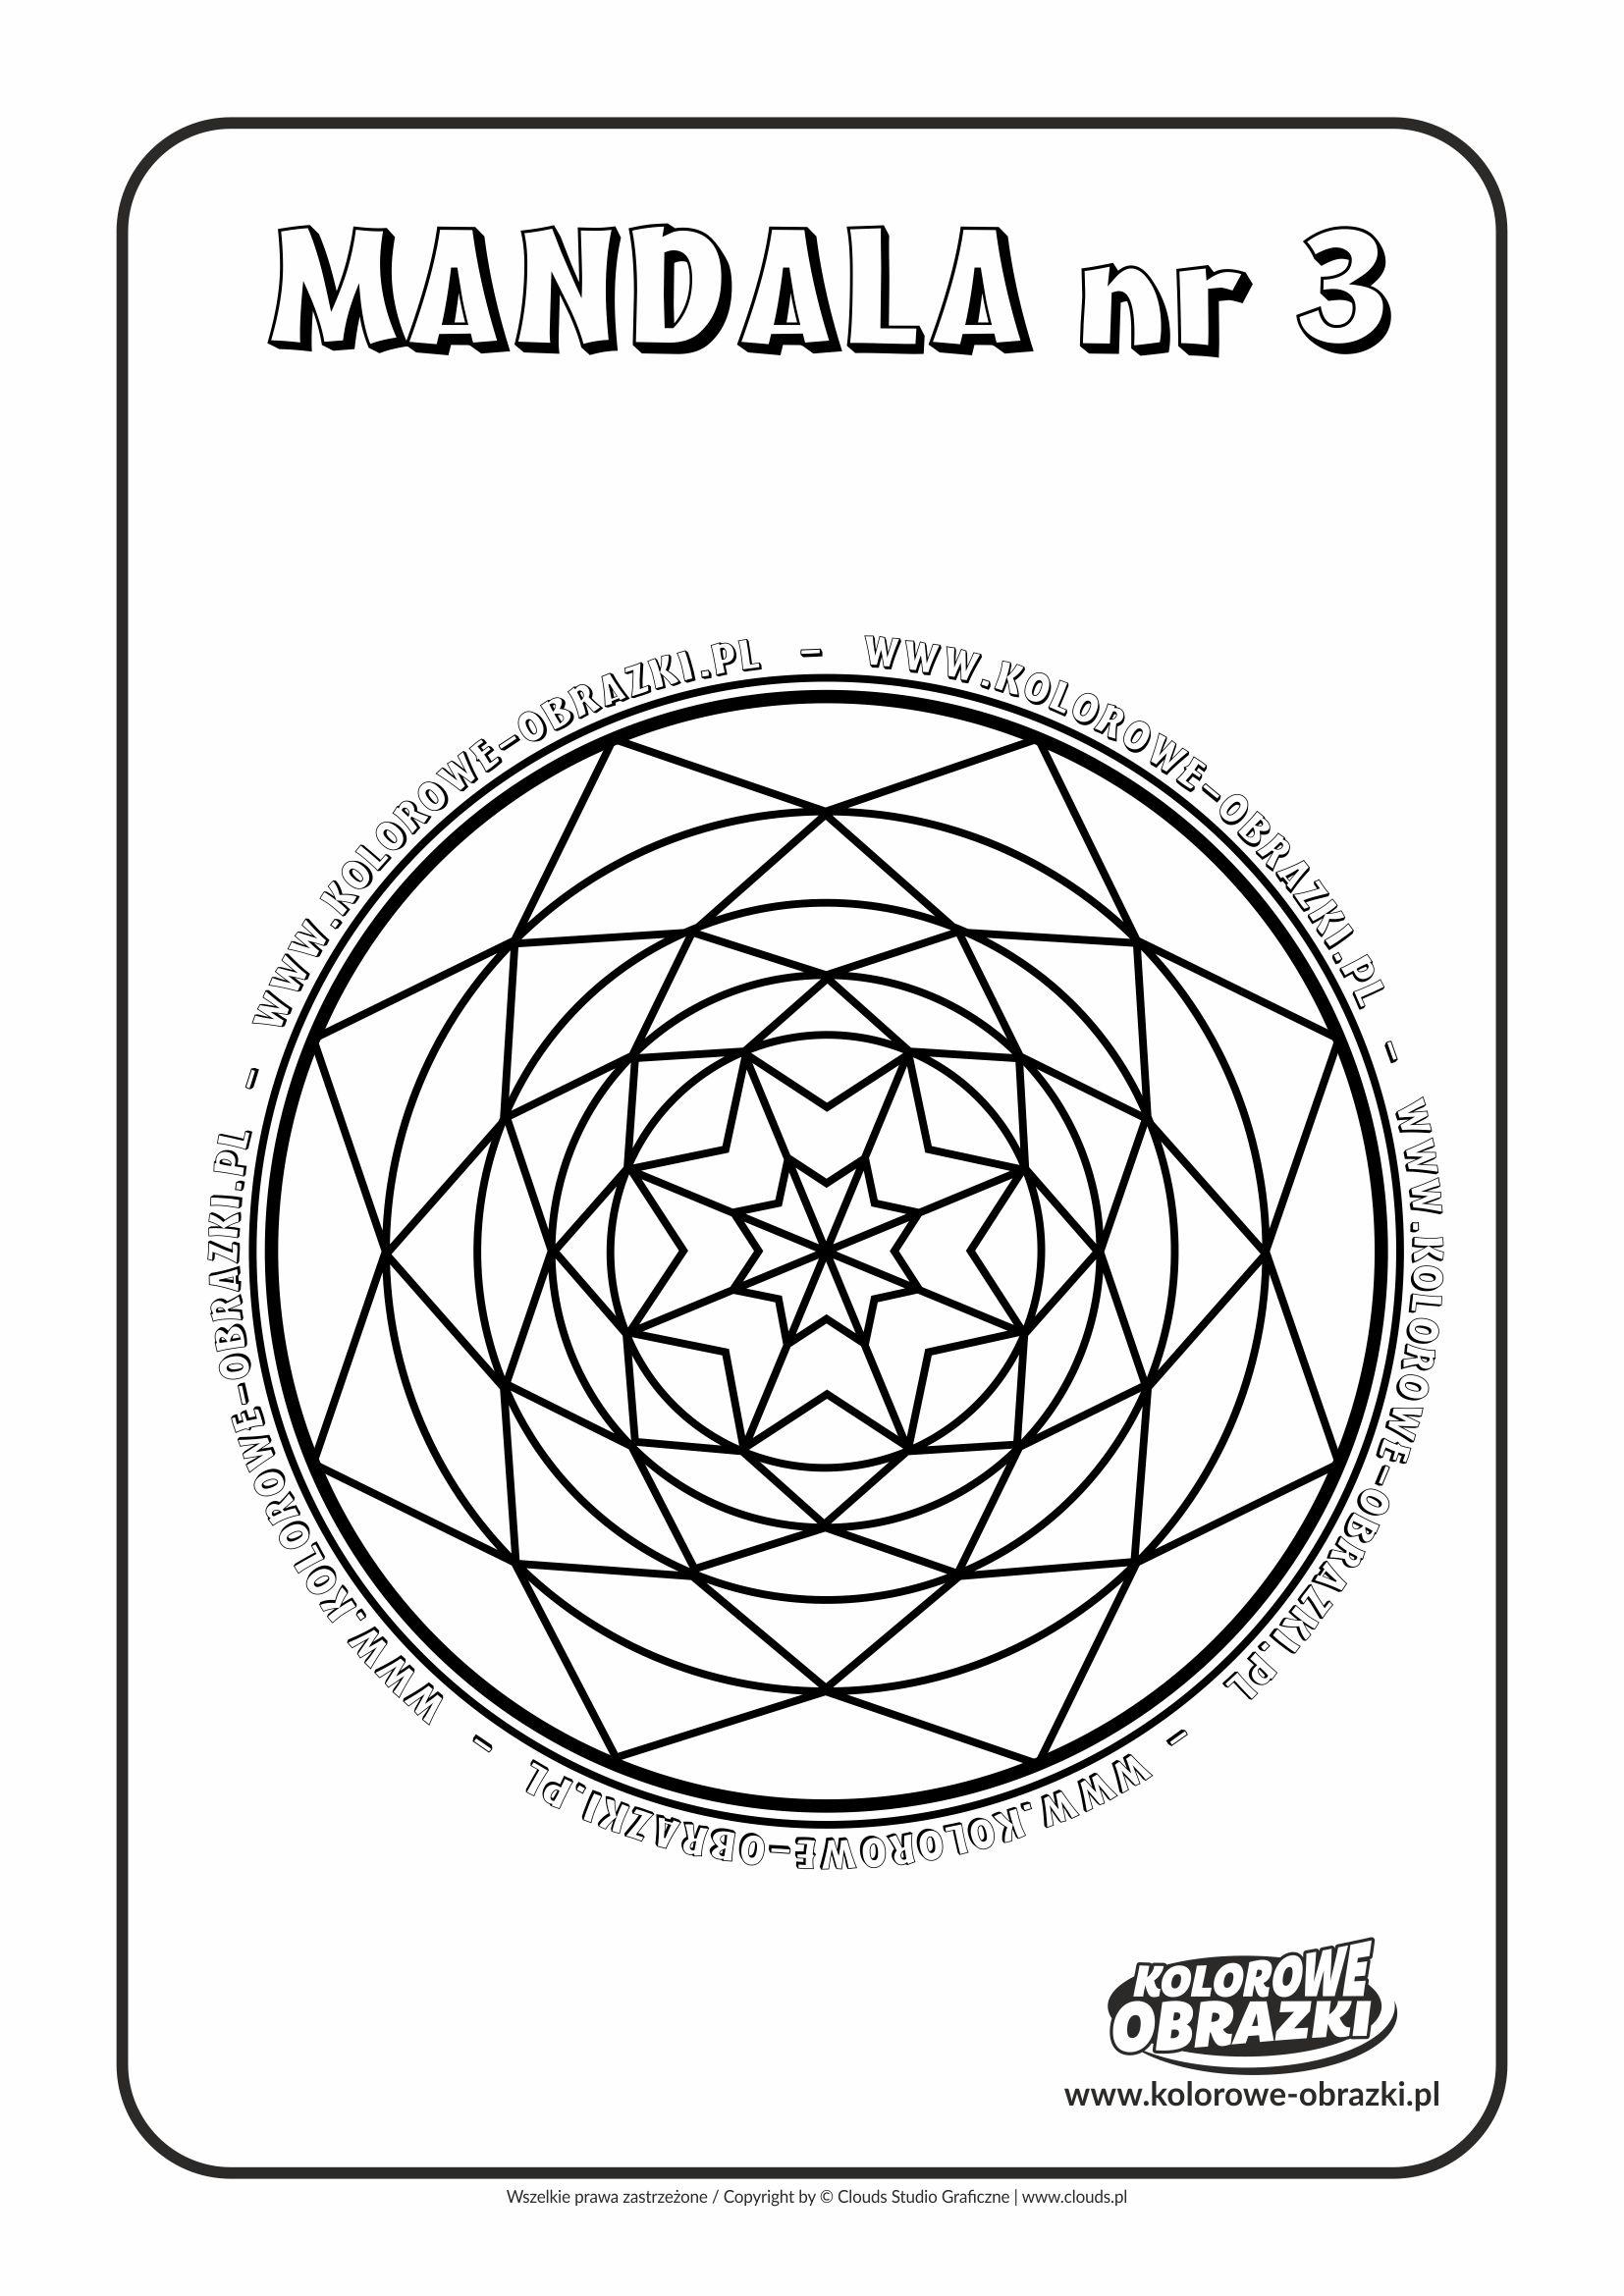 Kolorowanki dla dzieci - Mandale / Mandala nr 3. Kolorowanka z mandalą